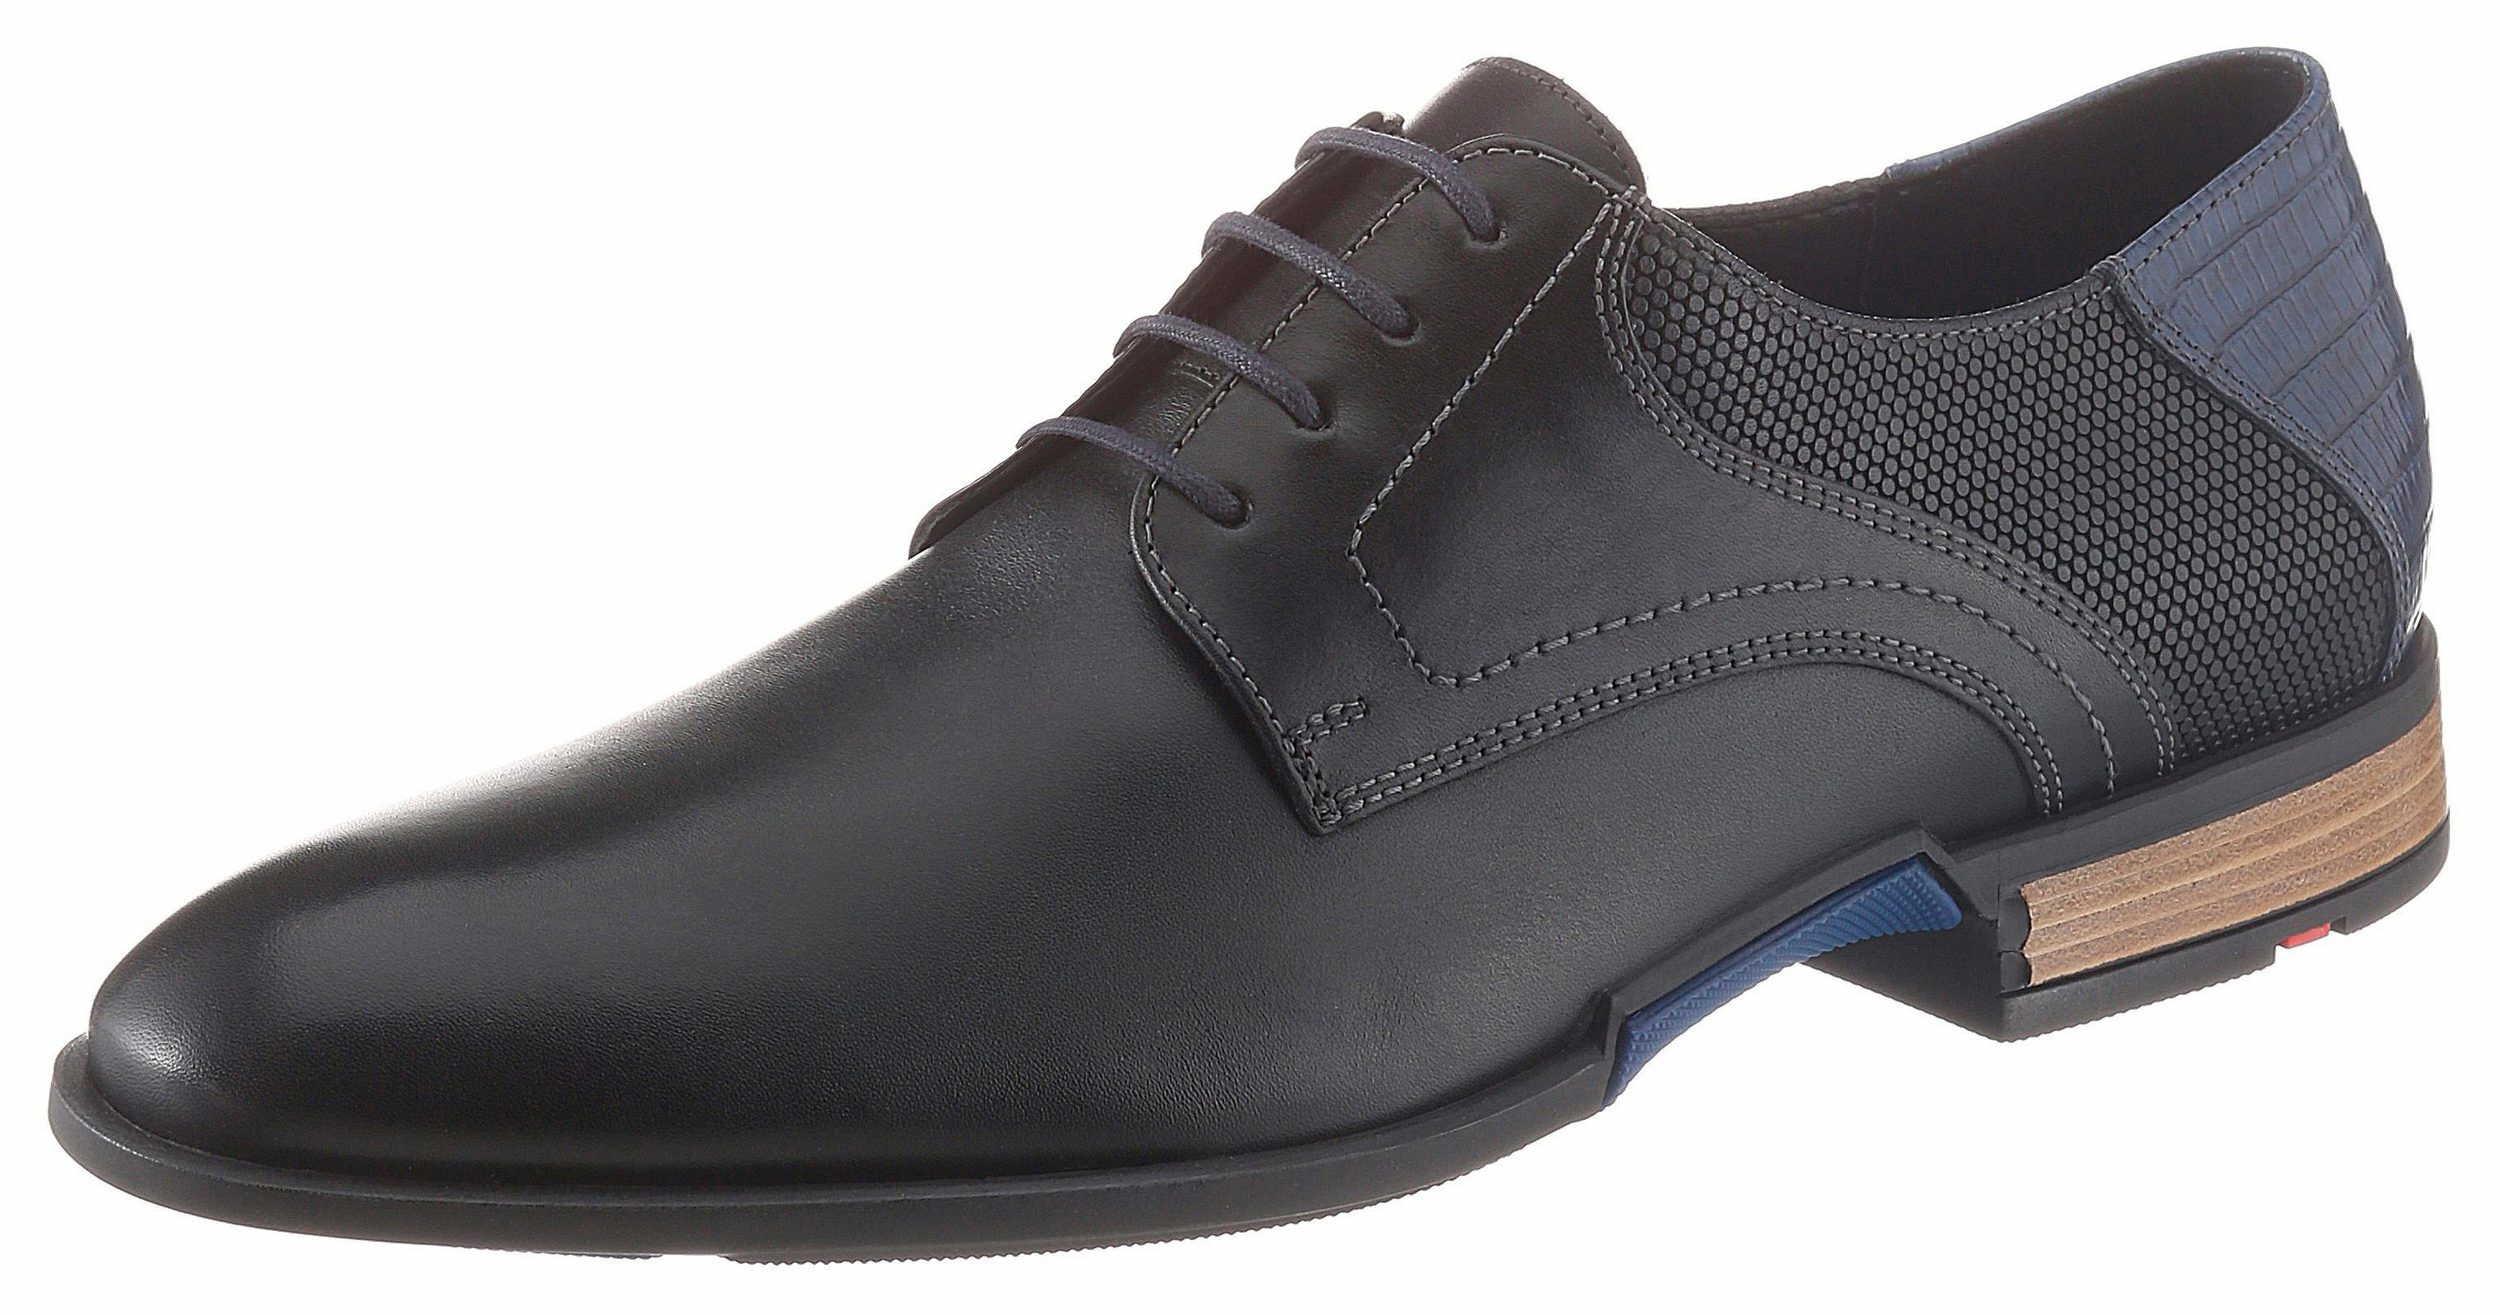 Herren Lloyd Business Schuhe blau 48